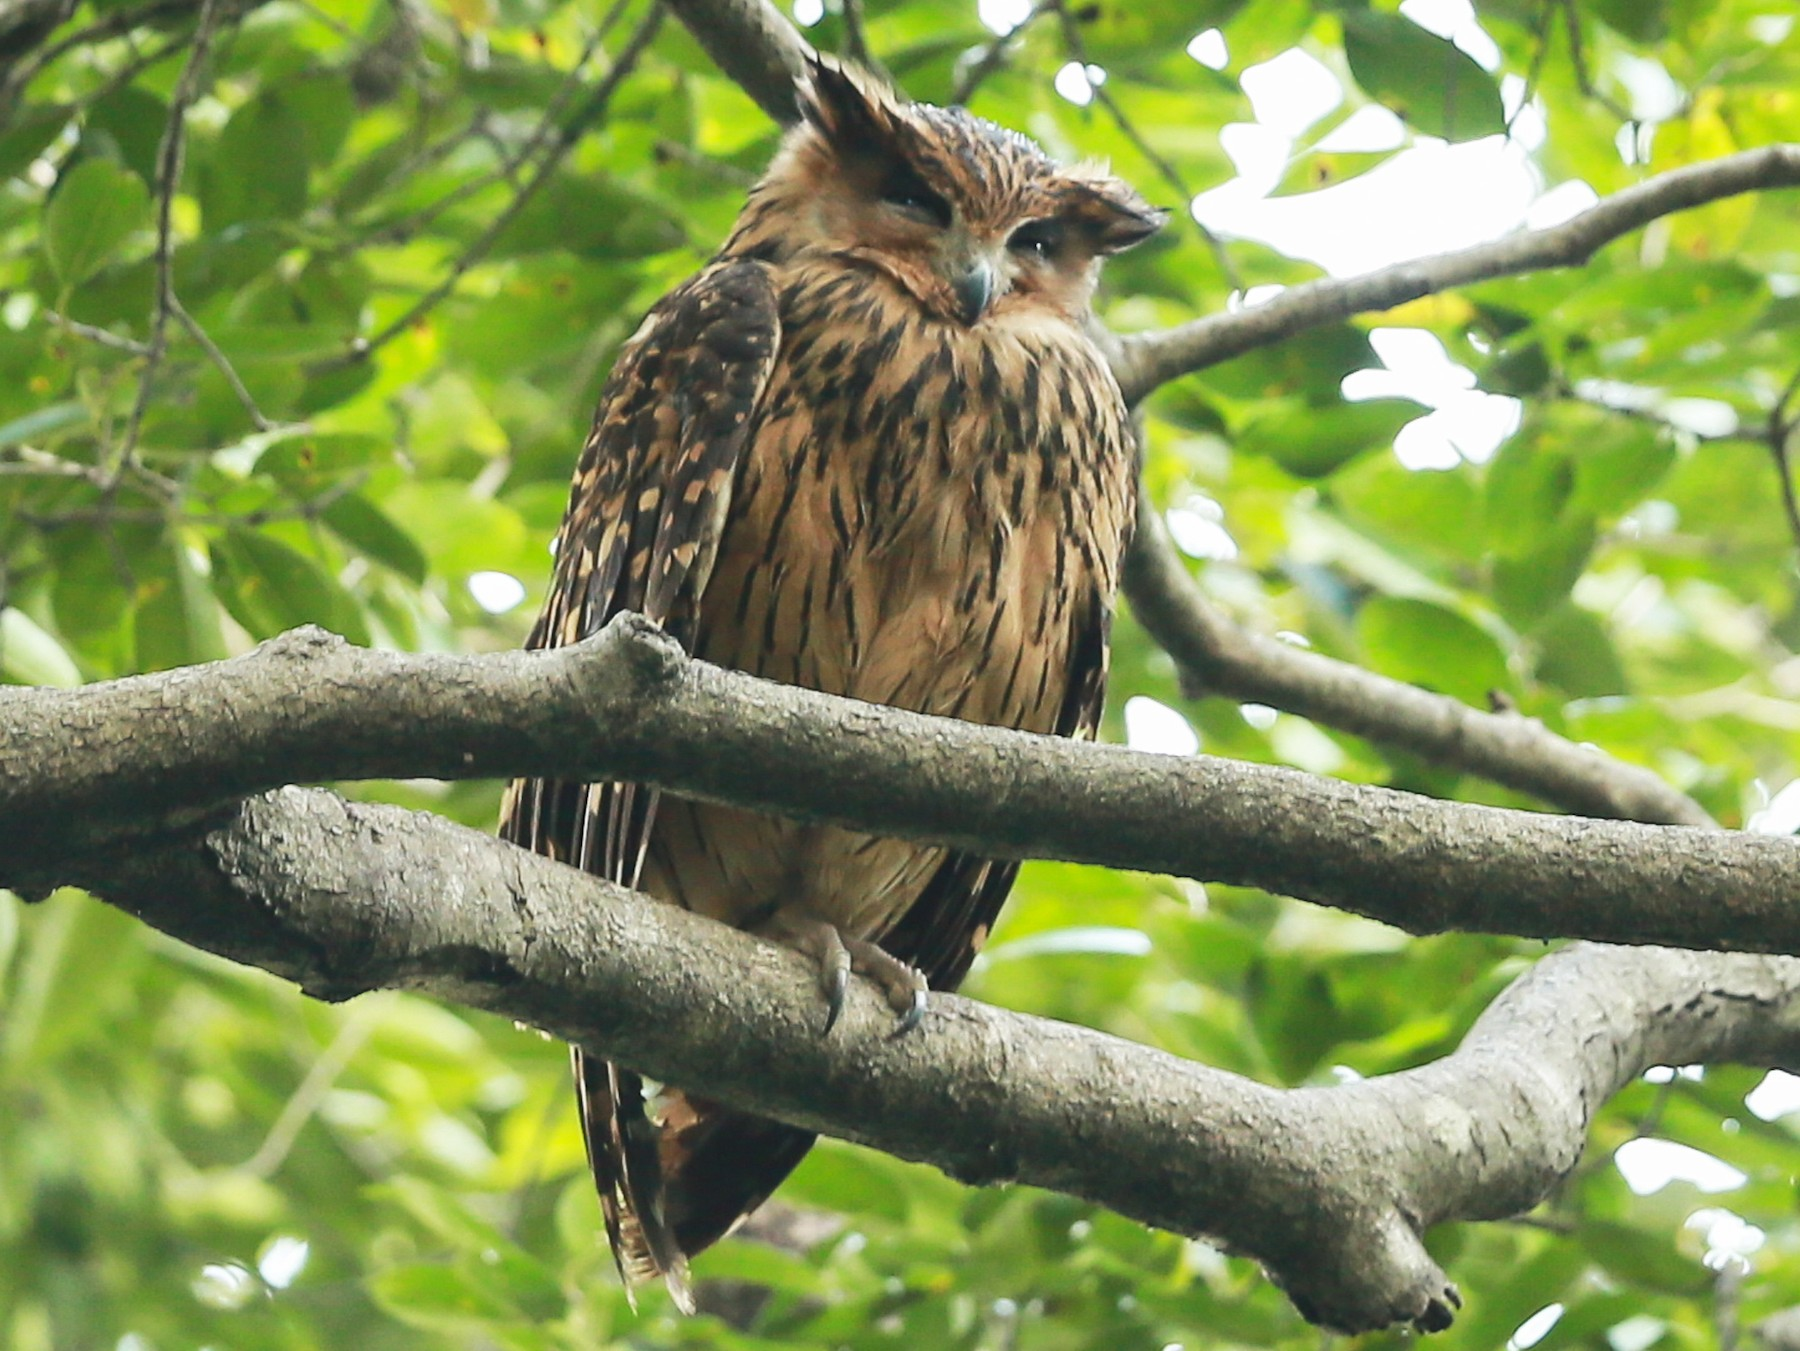 Tawny Fish-Owl - Gaurang Bagda